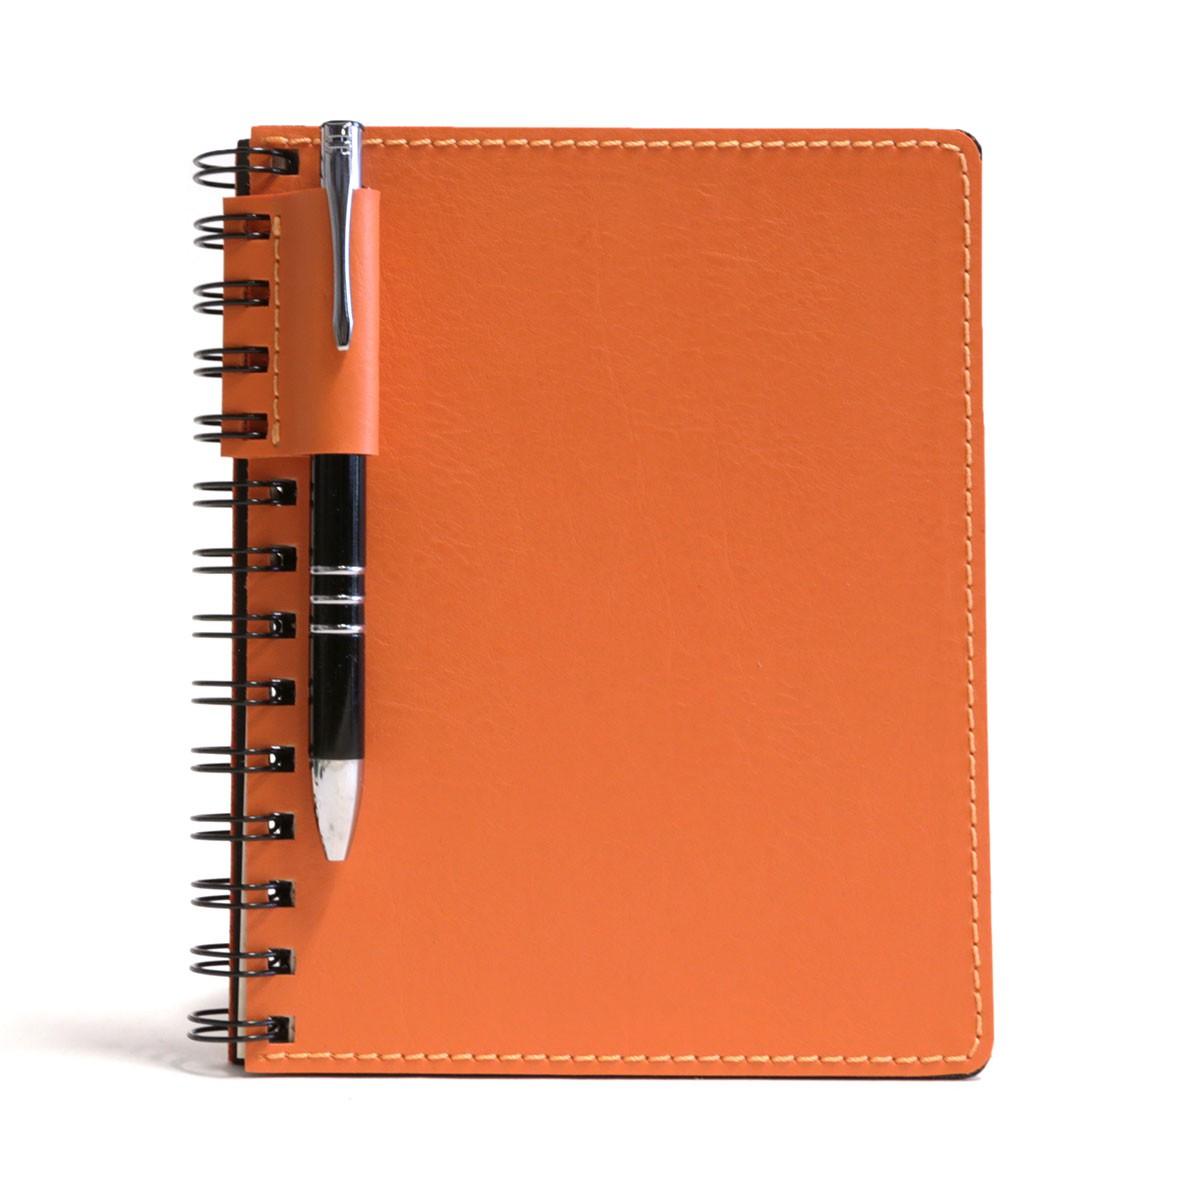 Caderno wire-o com caneta (Montana Laranja)